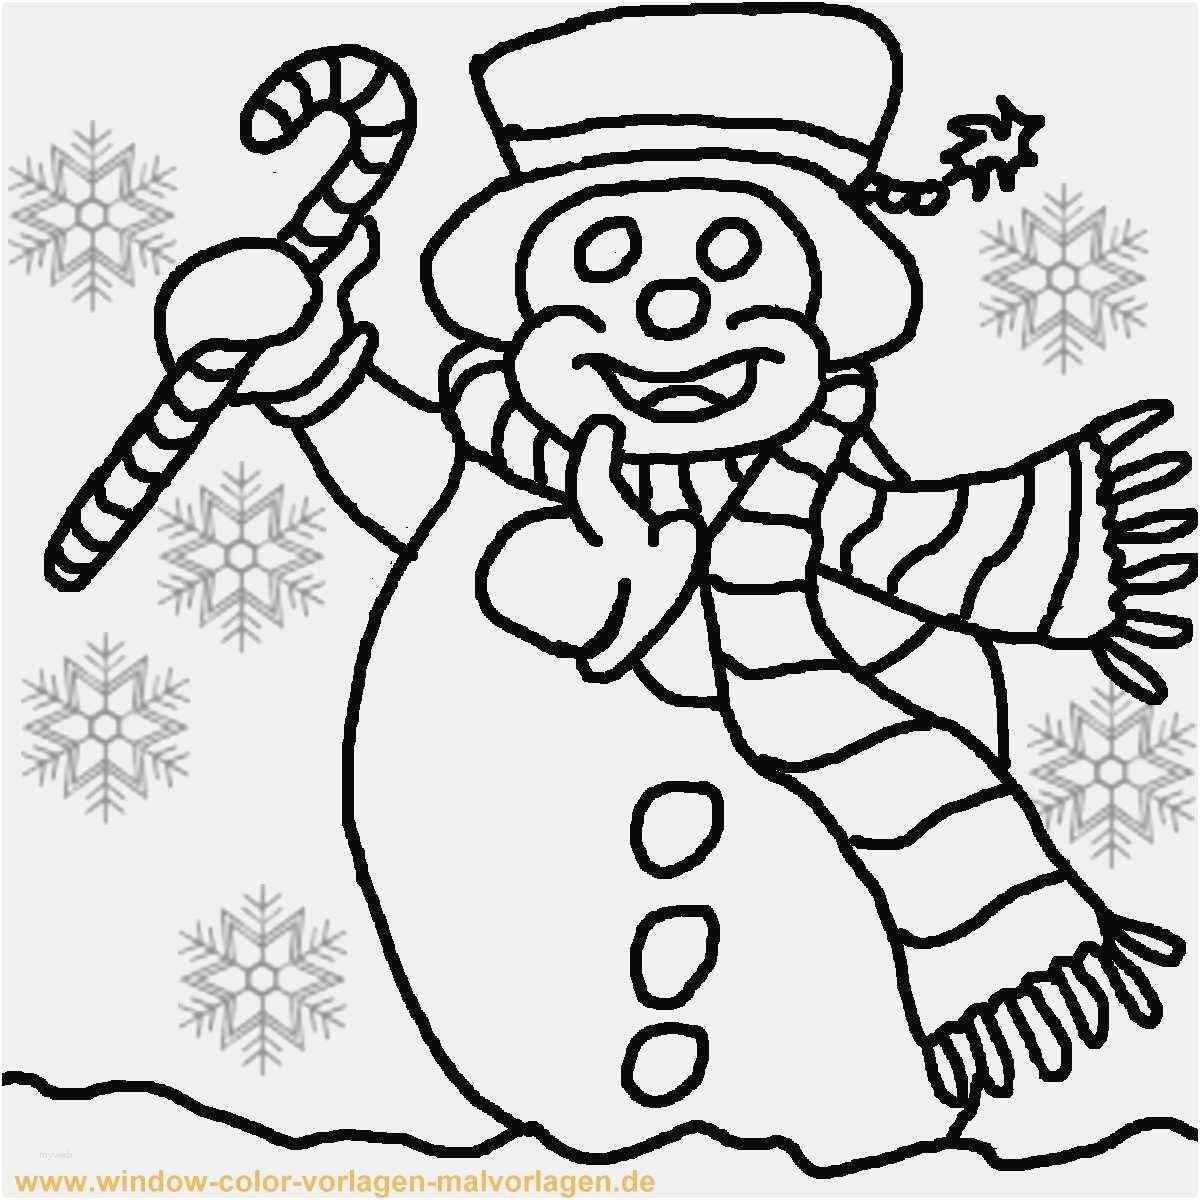 Ausmalbilder Für Kleinkinder Weihnachten Inspirierend Kinder Ausmalbilder Mandala Bild